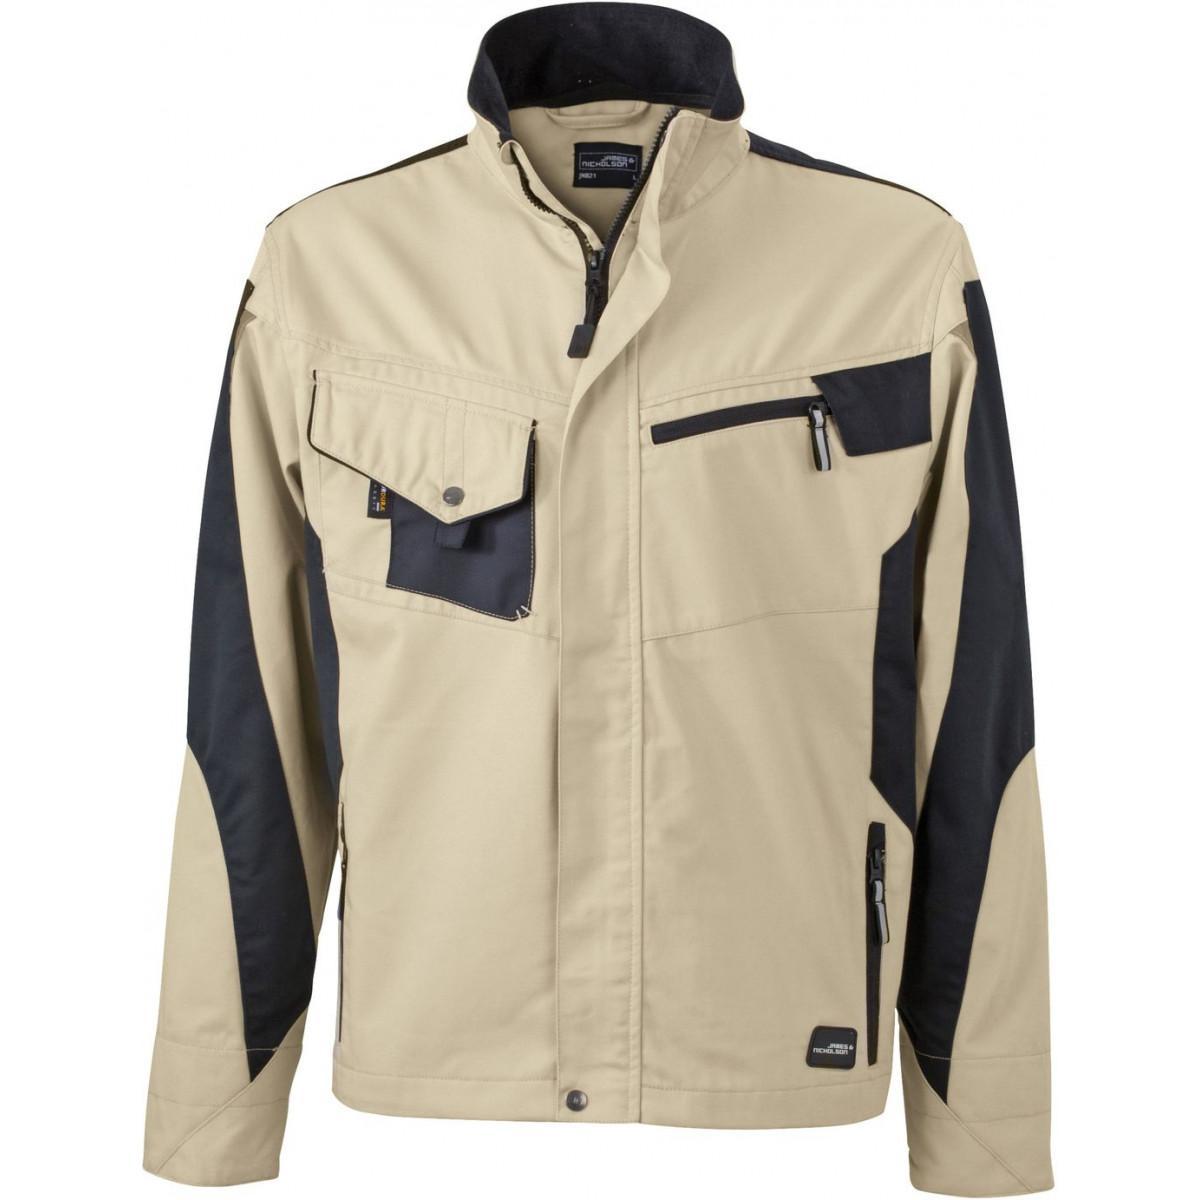 Куртка мужская JN821 Workwear Jacket - Бежевый/Черный